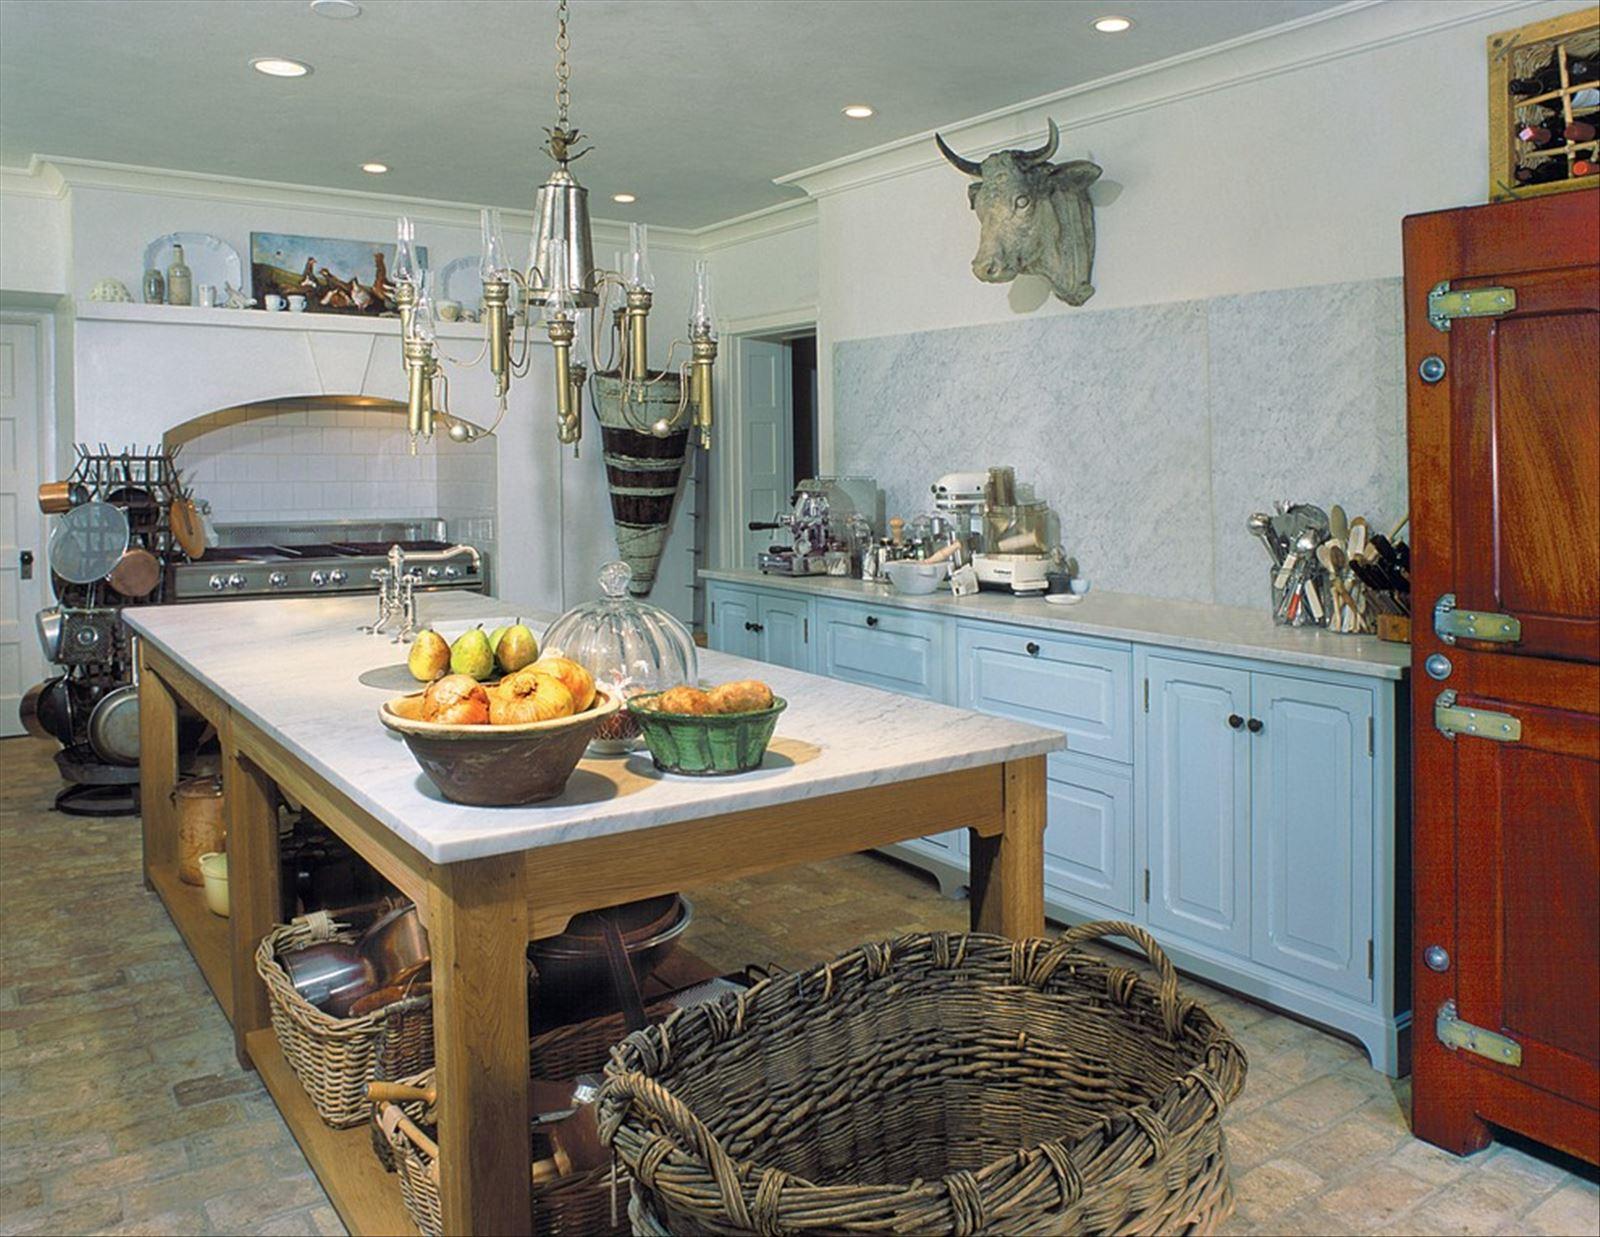 Прованс кухня в стиле прованс интерьер своими руками